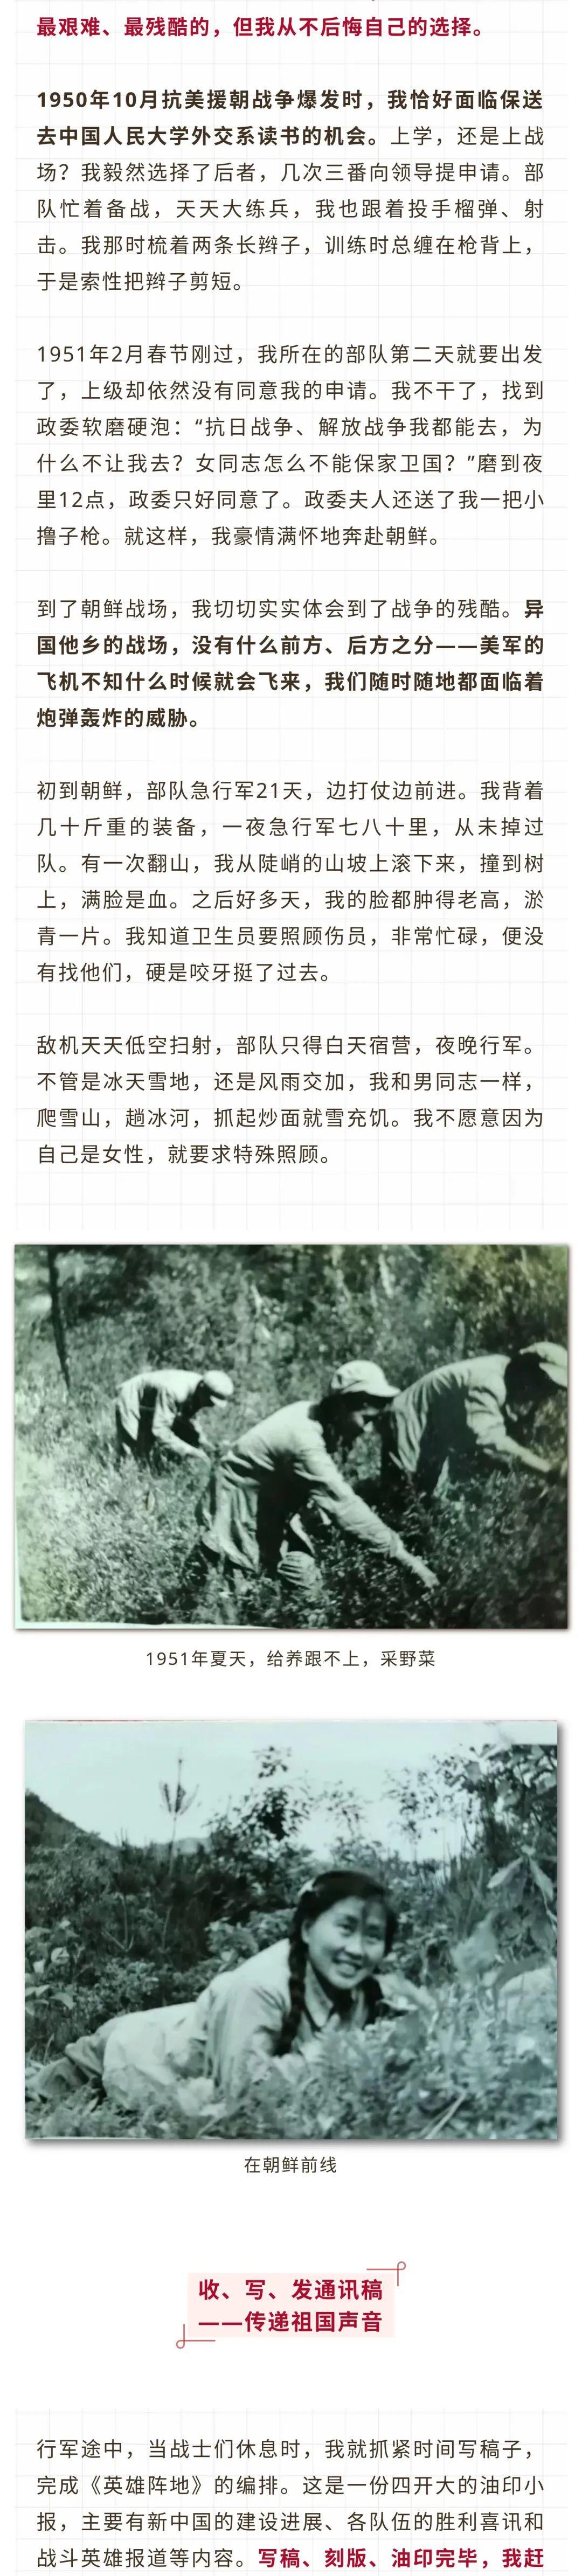 致敬最可爱的人,抗美援朝战场上的人大人② ——刘素萍老师